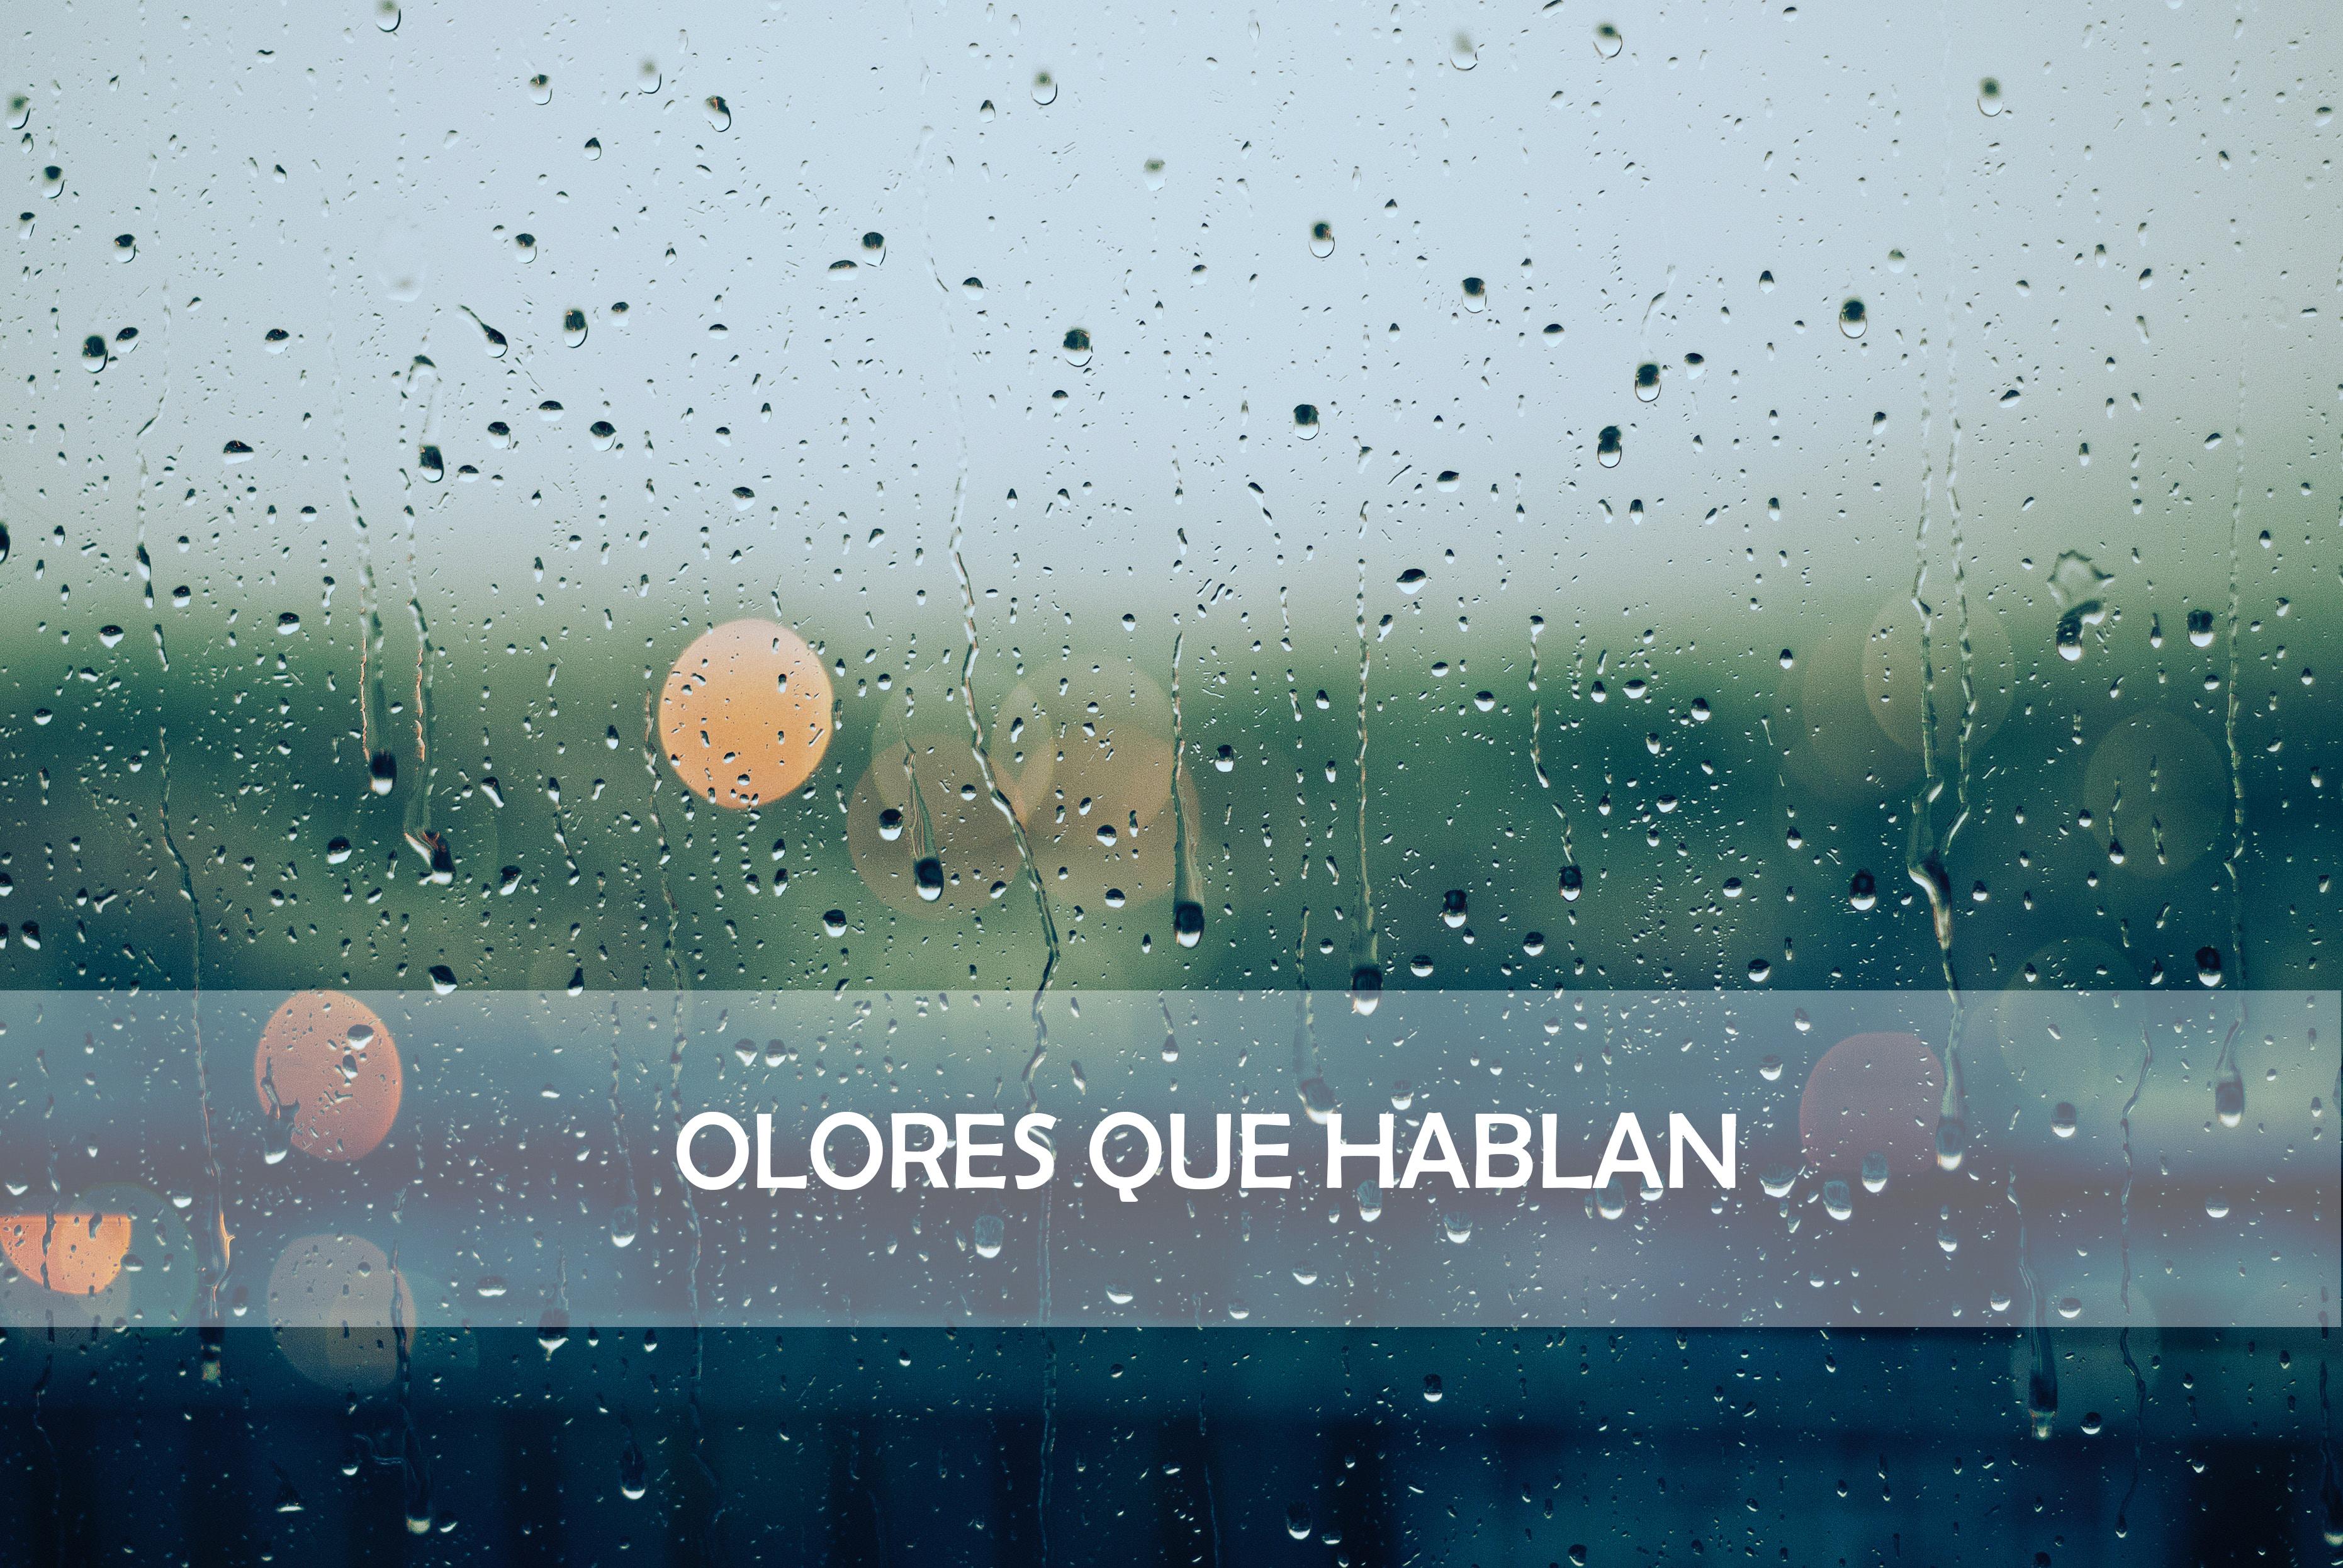 OLORES QUE HABLAN